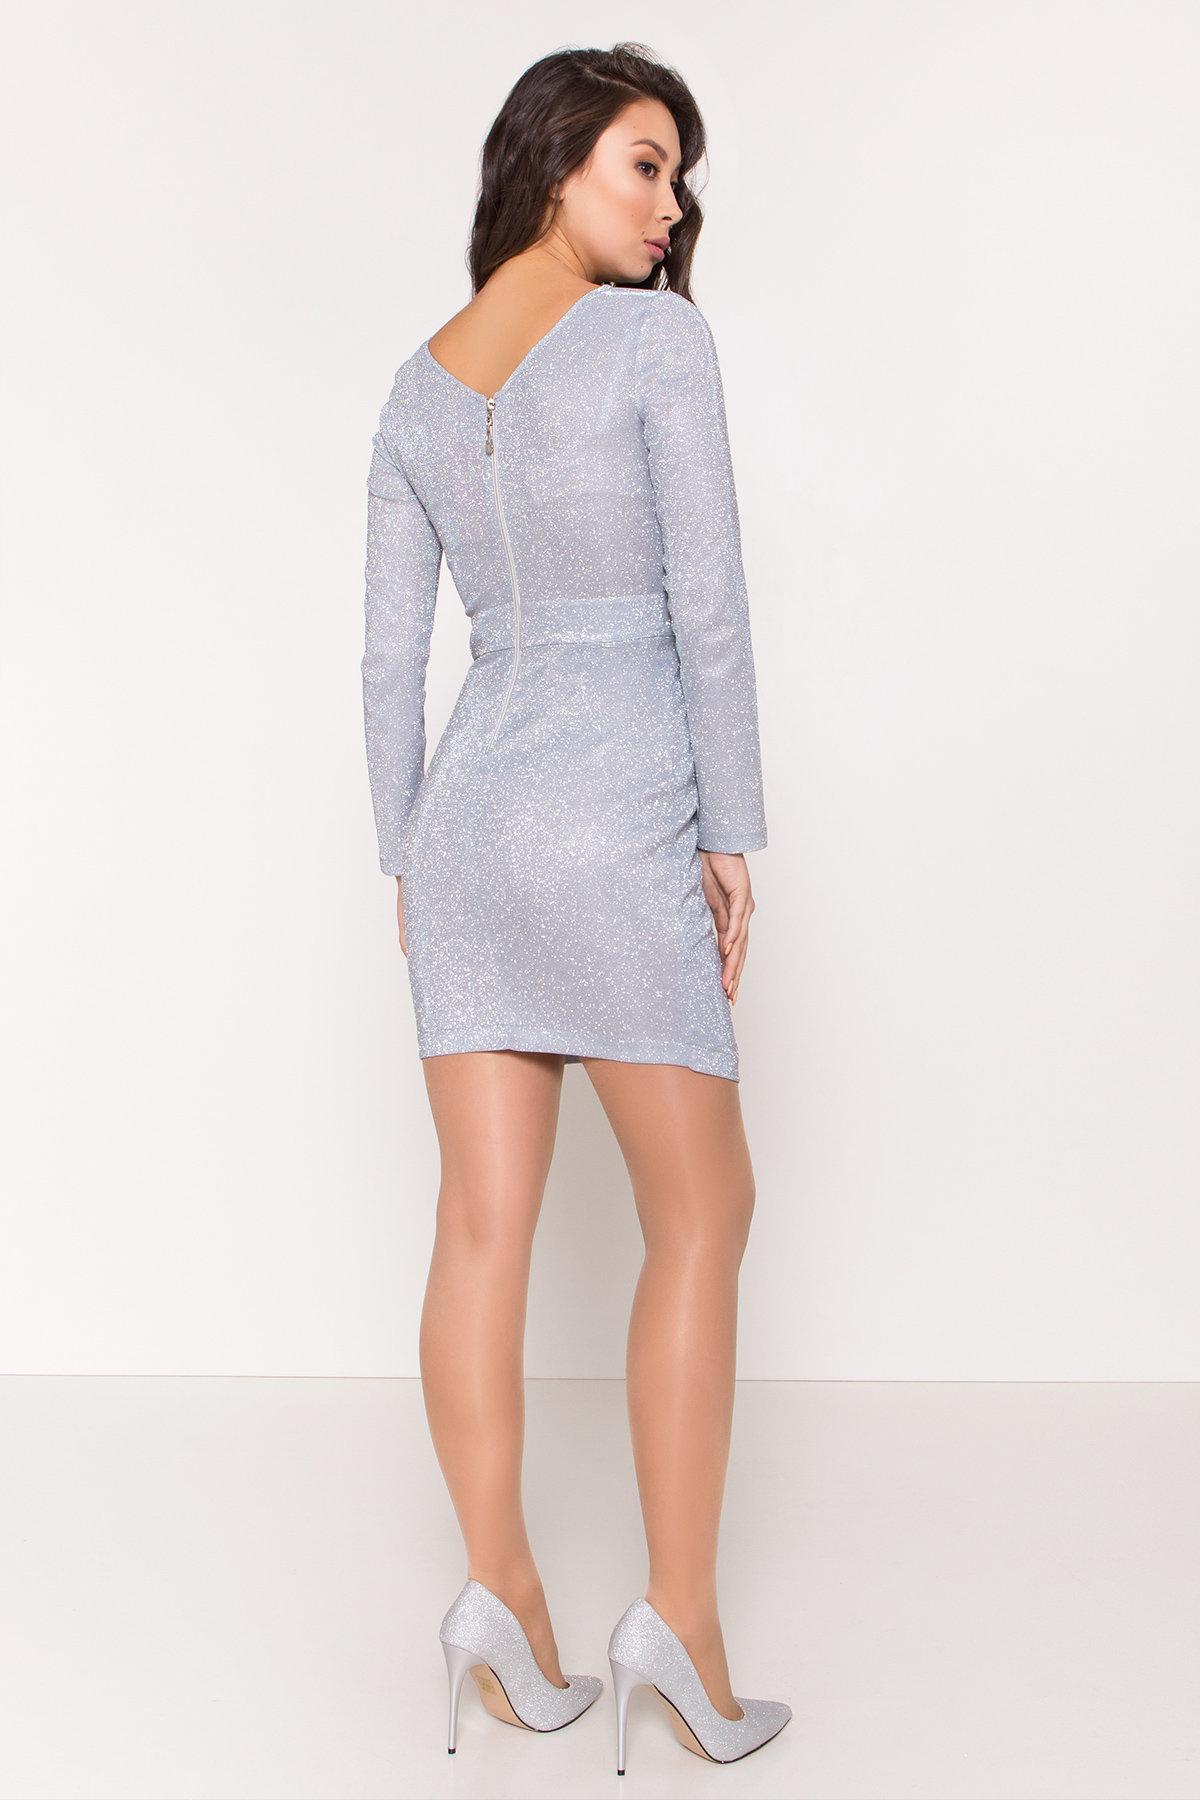 Коктейльное платье Кристал 8346 Цвет: Серебро/голубой